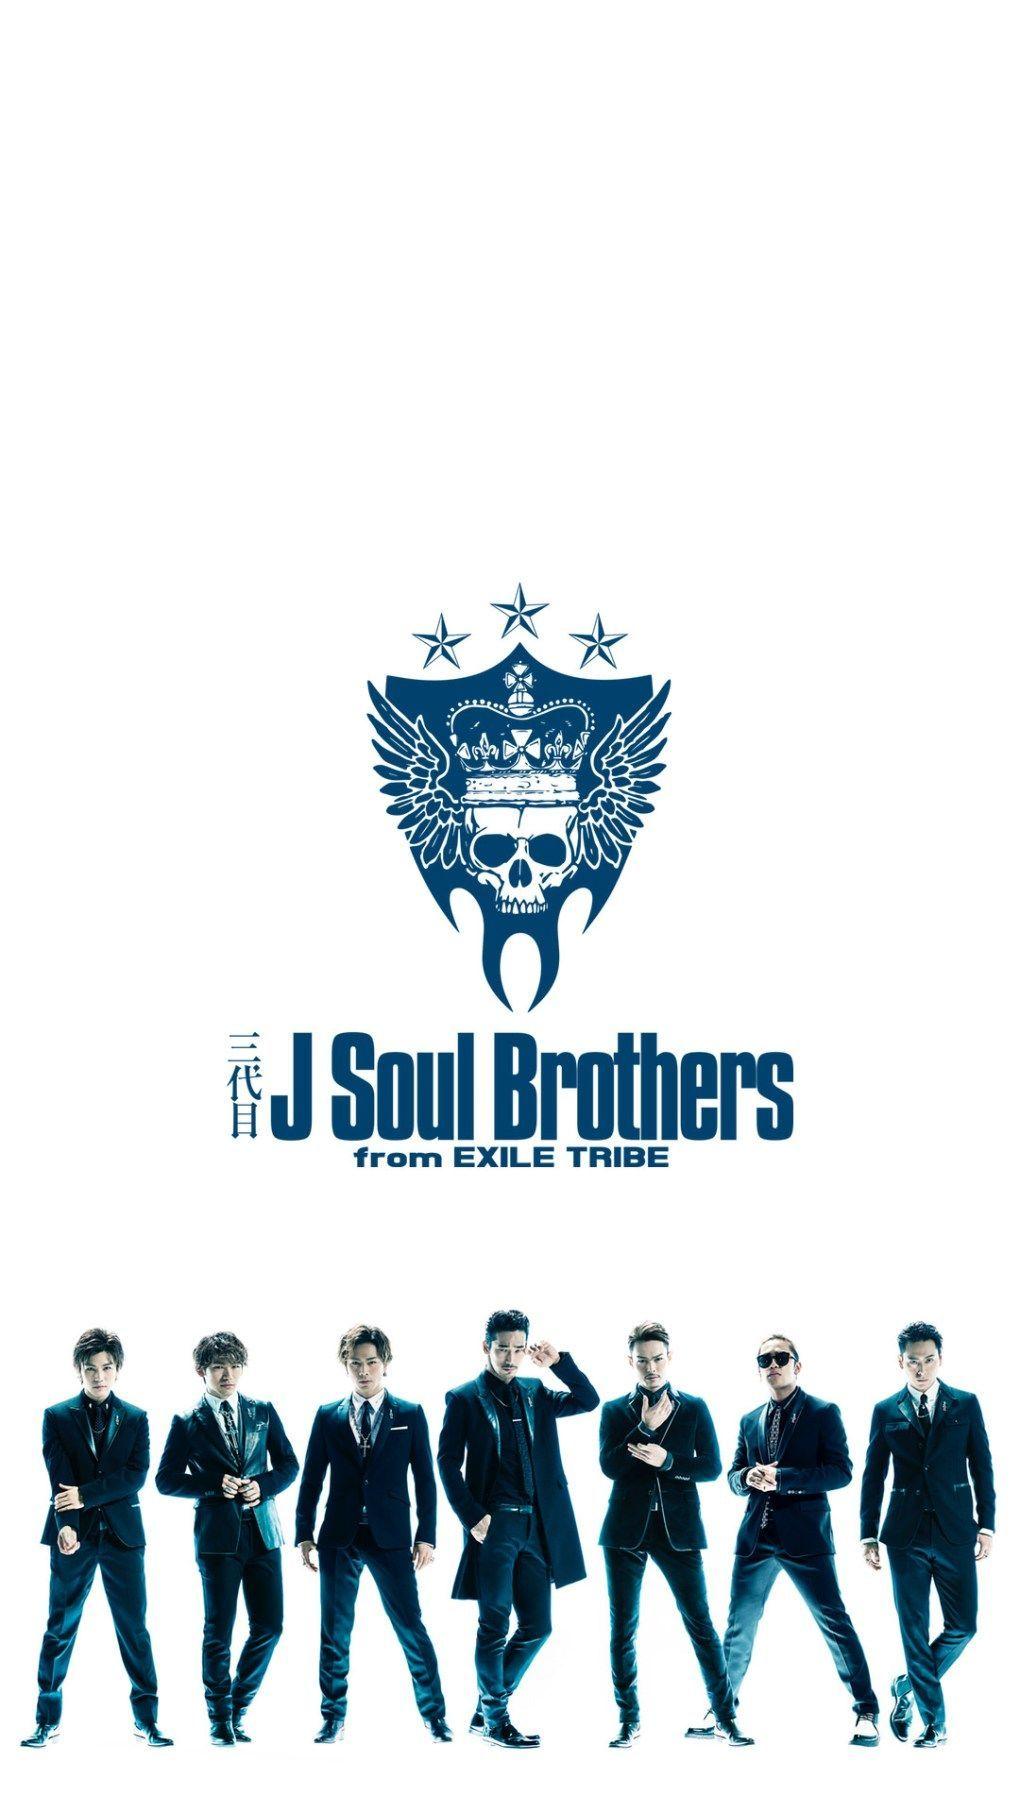 無料ダウンロード 3 代目 J Soul Brothers 壁紙 2020 3代目j